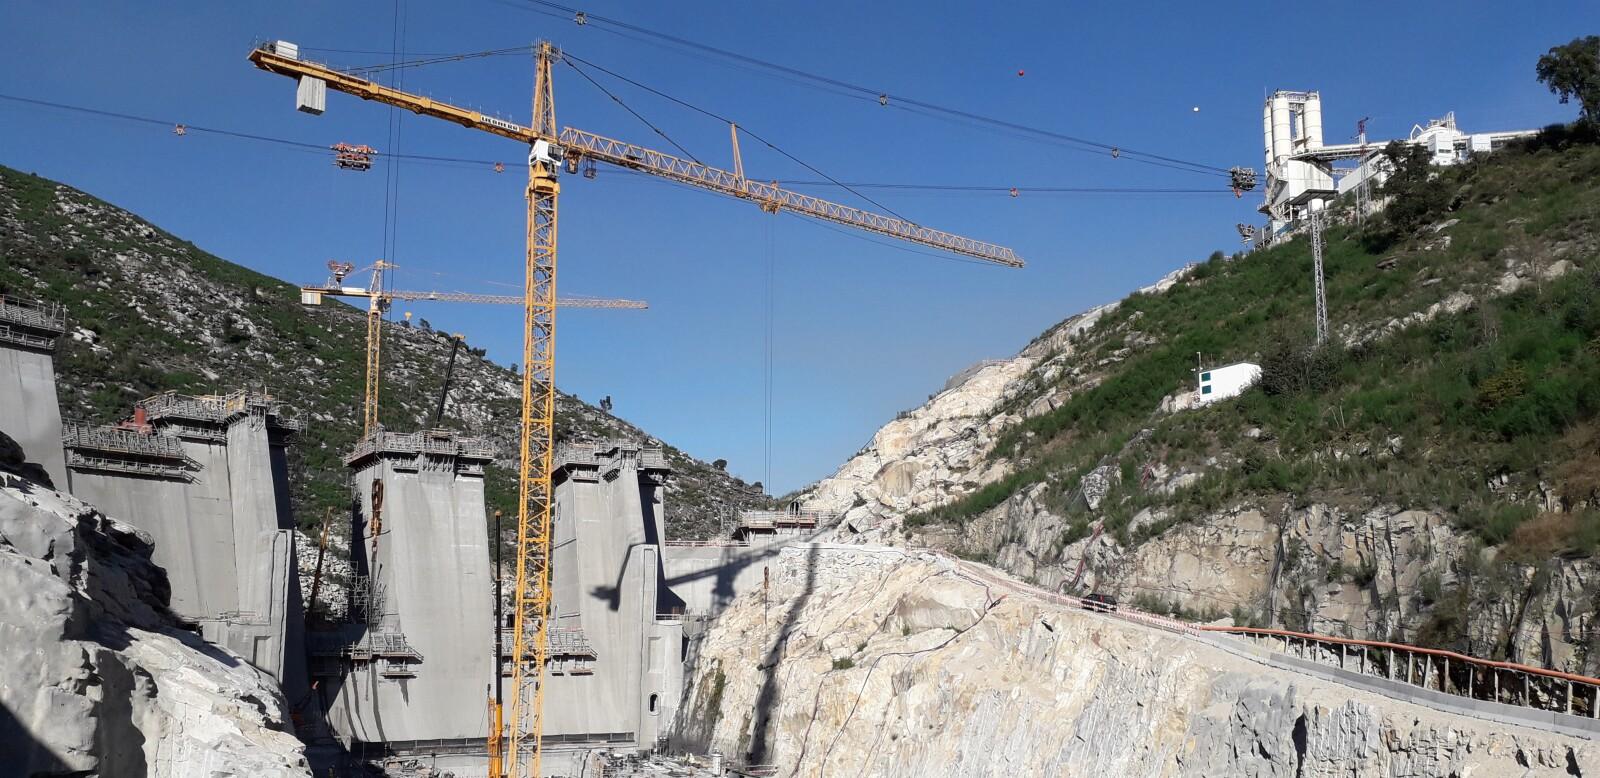 Planta Hidroeléctrica Támega, en Portugal